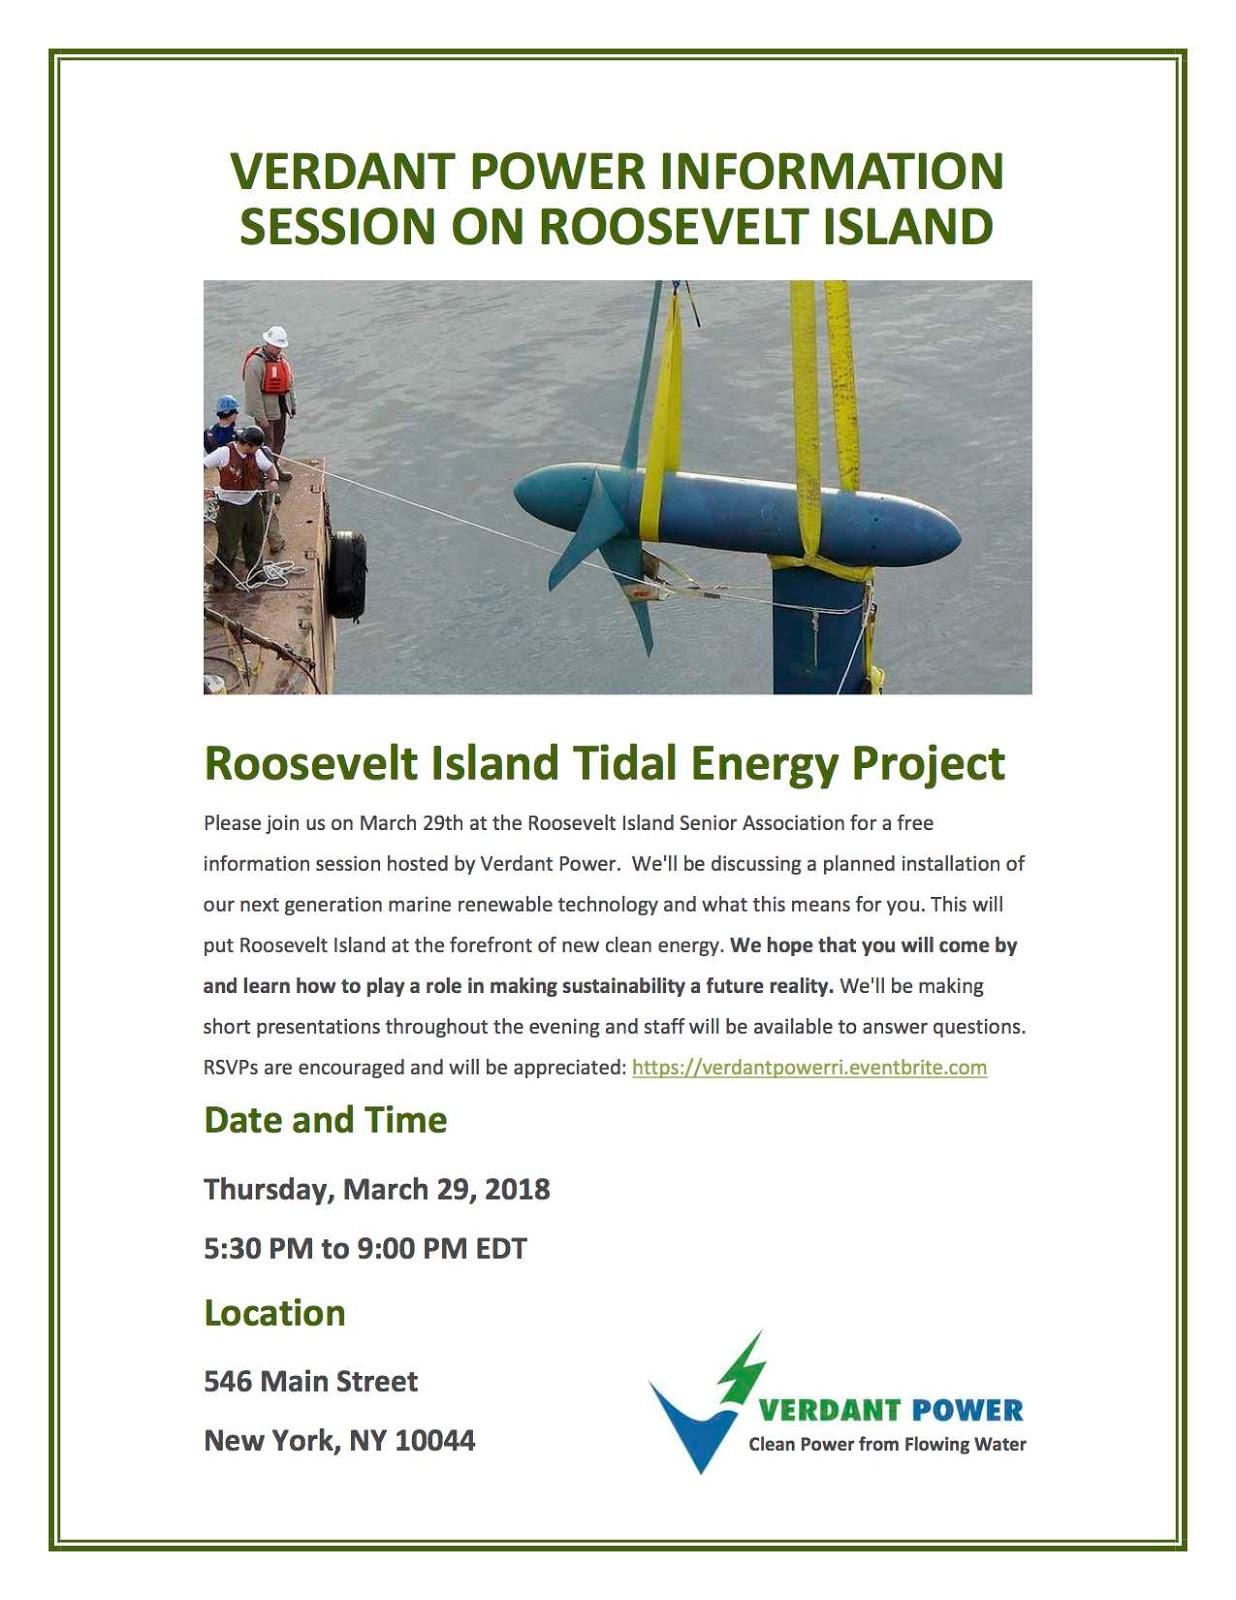 Verdant Power S Roosevelt Island Tidal Energy